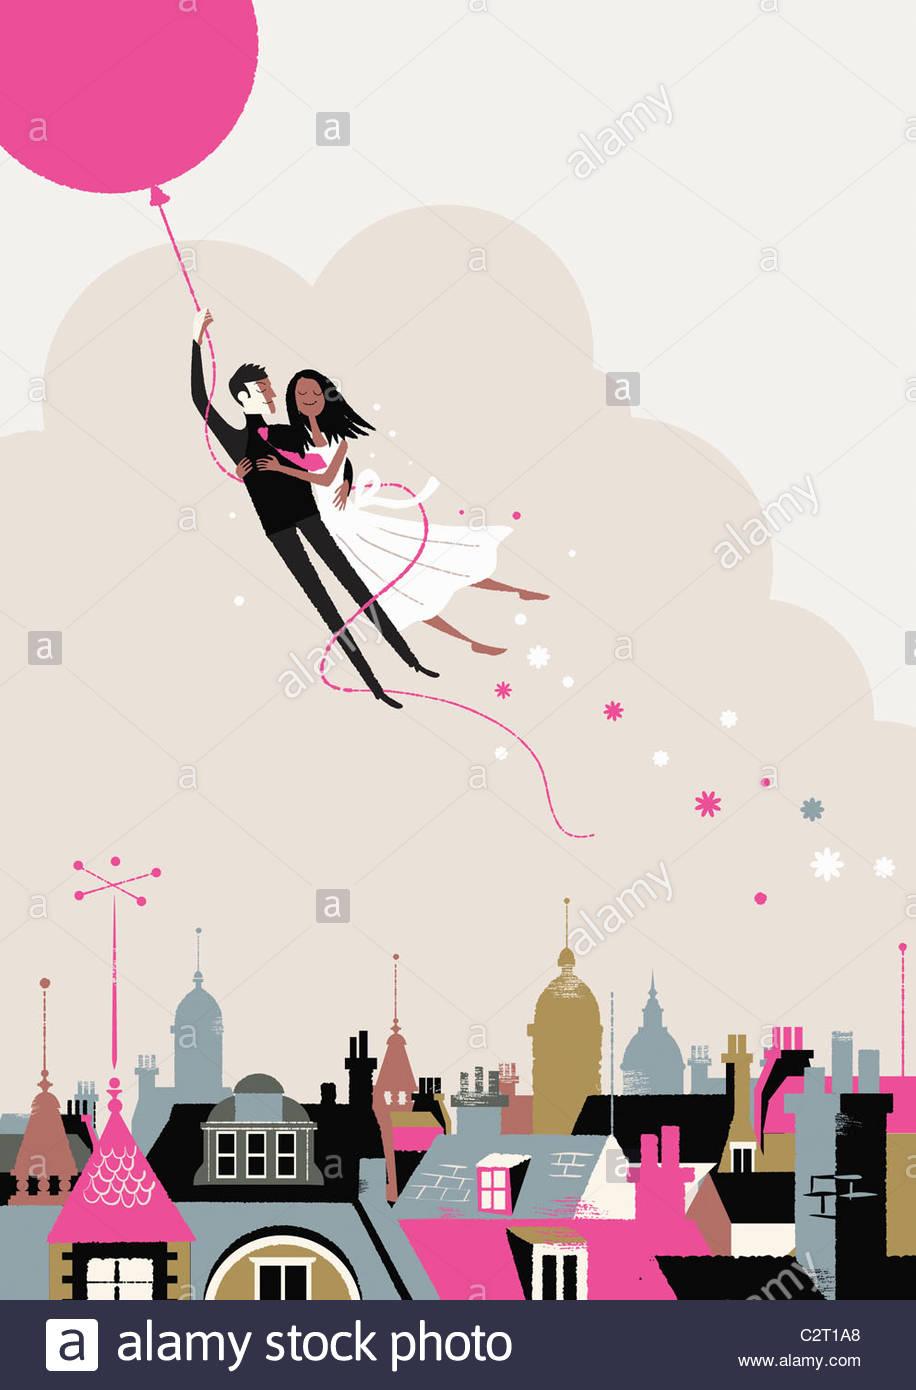 La novia y el novio volar en globo de helio Imagen De Stock